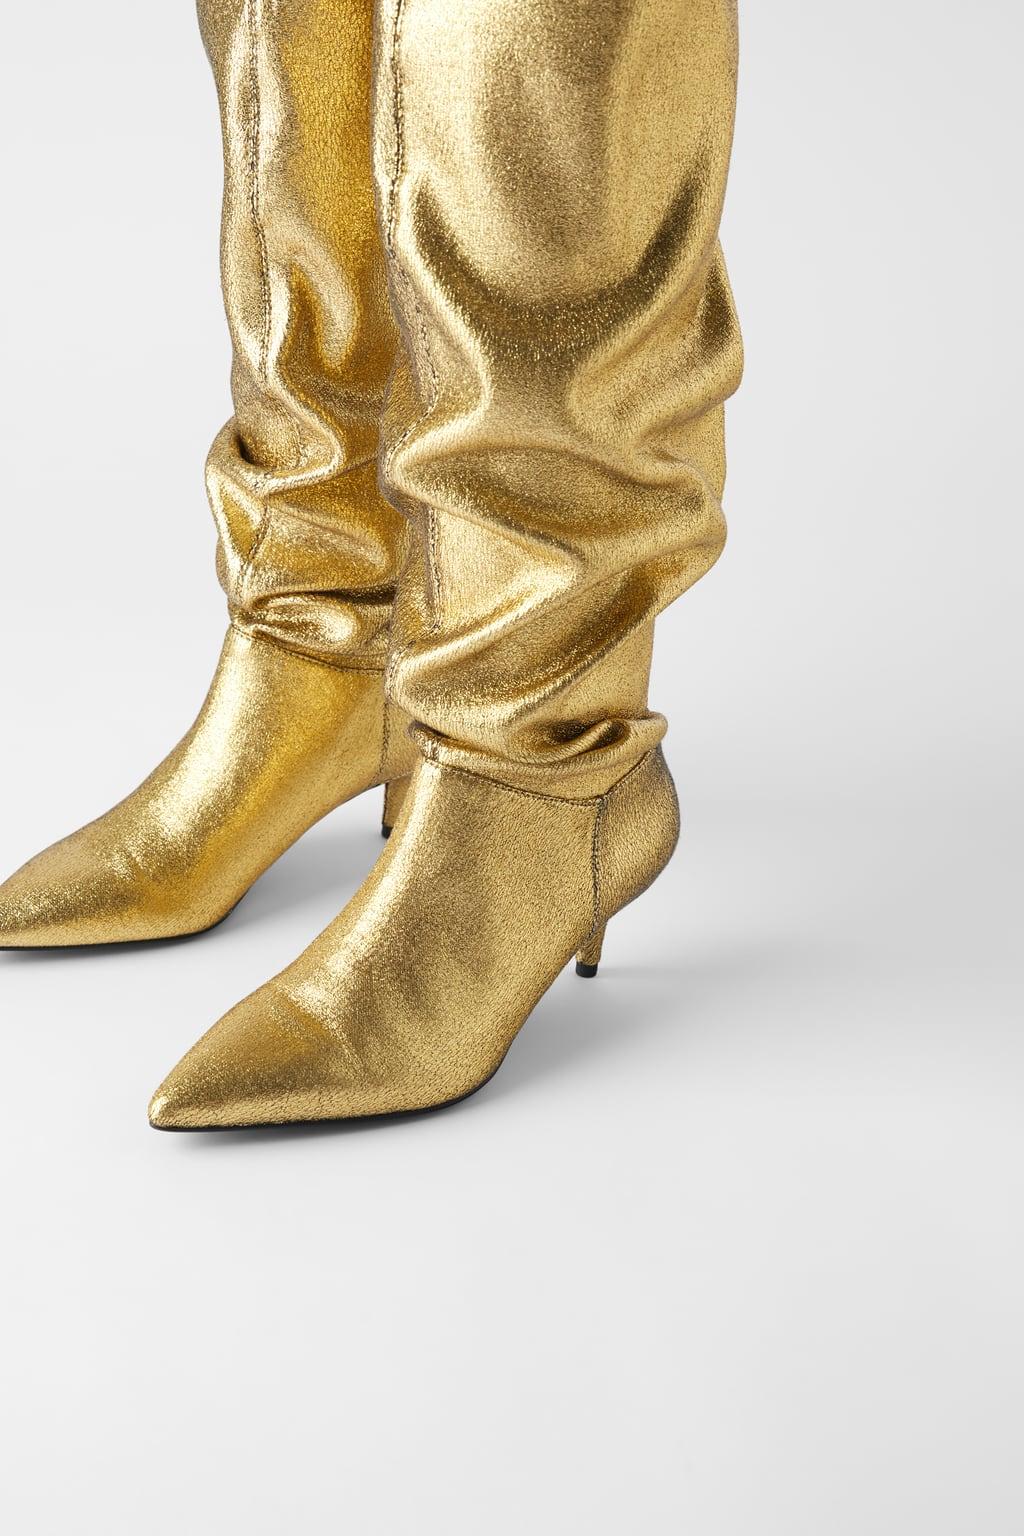 Zara Metallic Kitten heel Boots £69.99